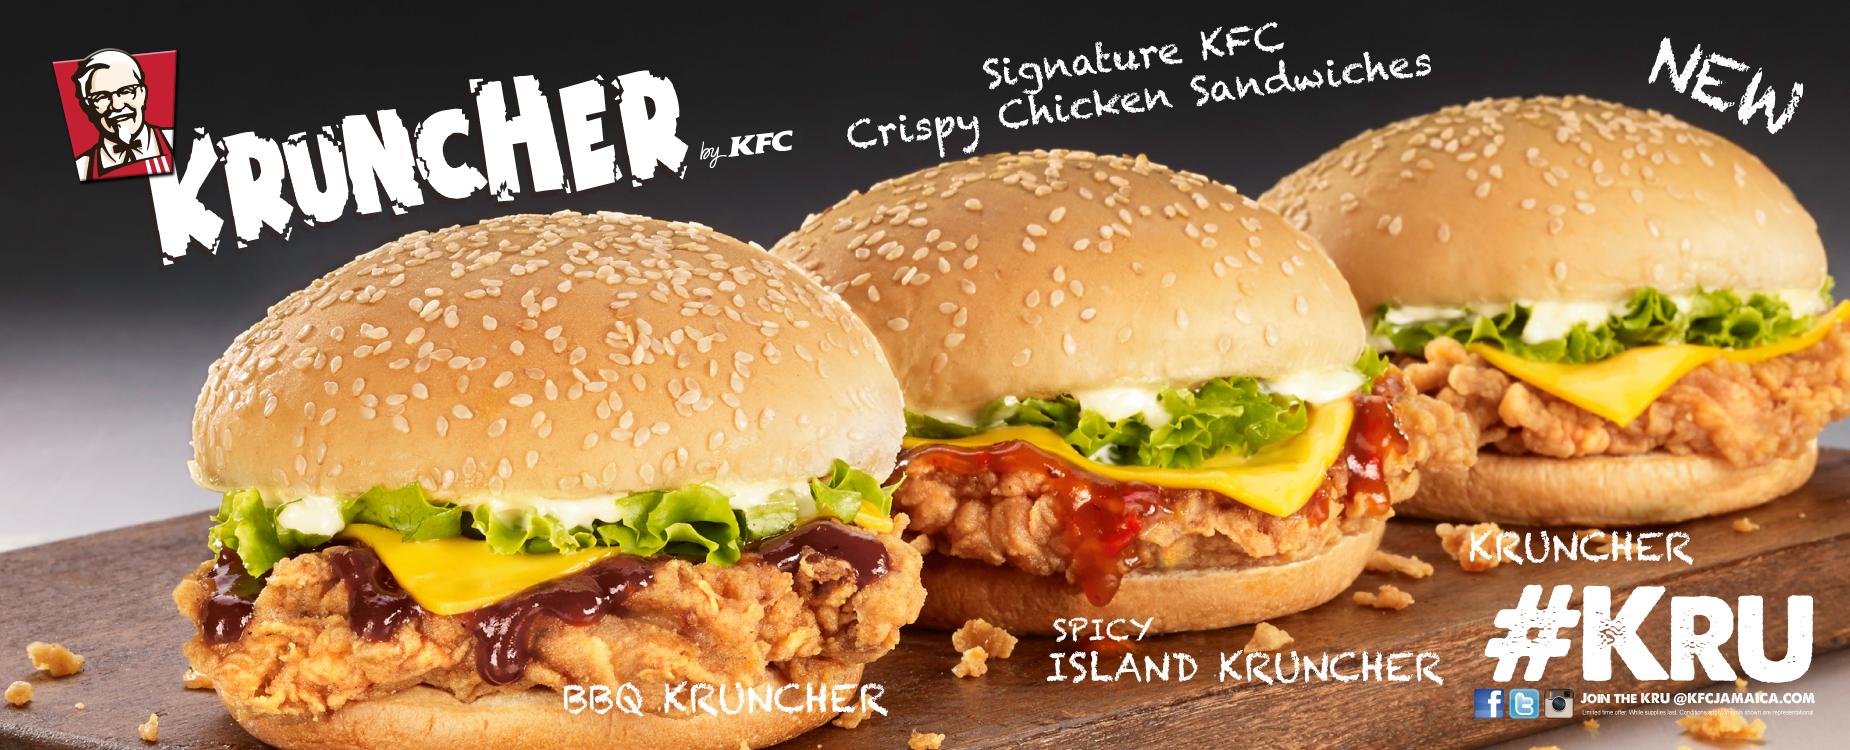 KFC KRUNCHER-01.png